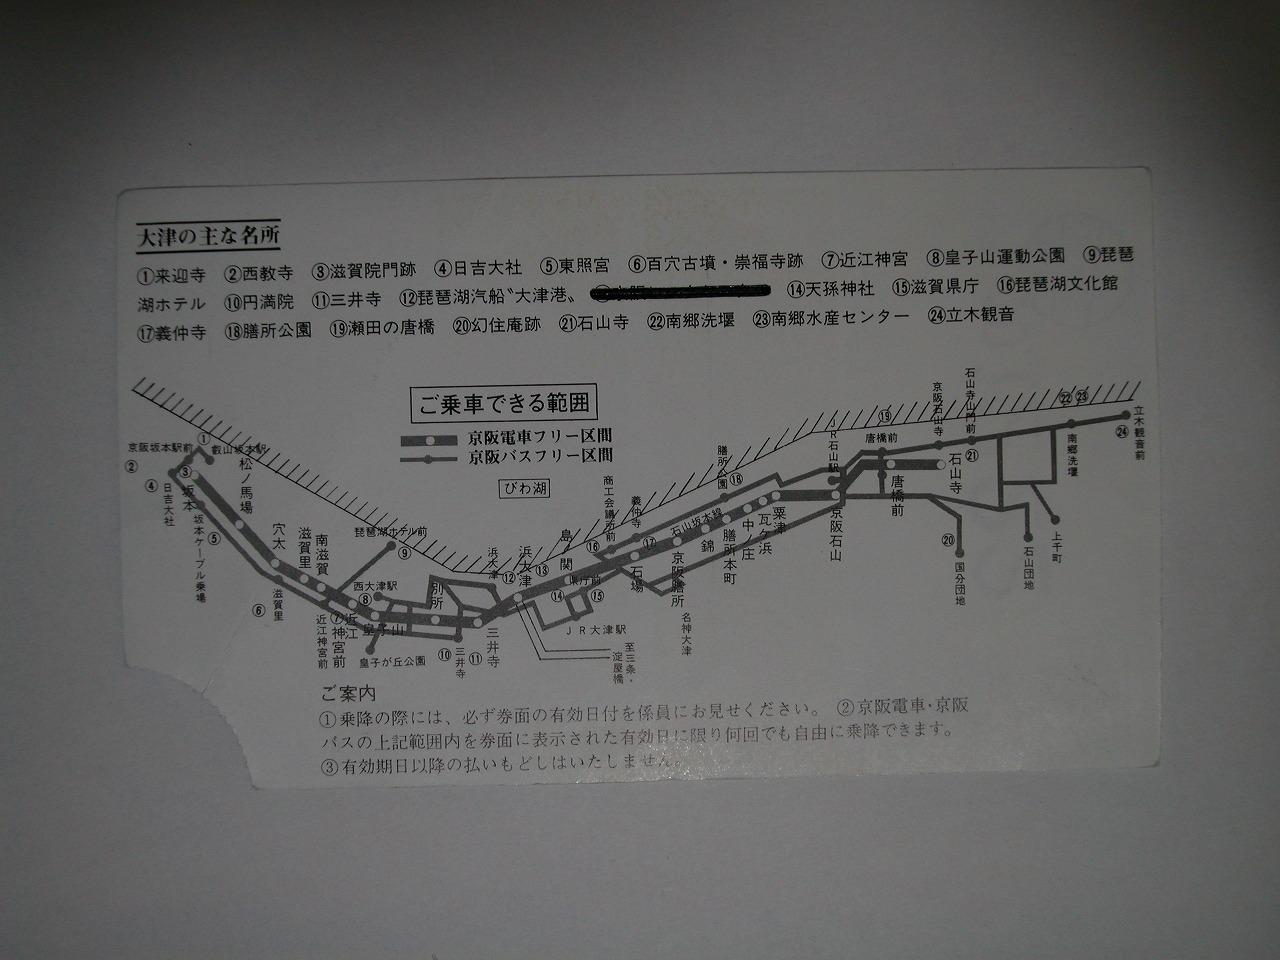 ssDSCN0852.jpg